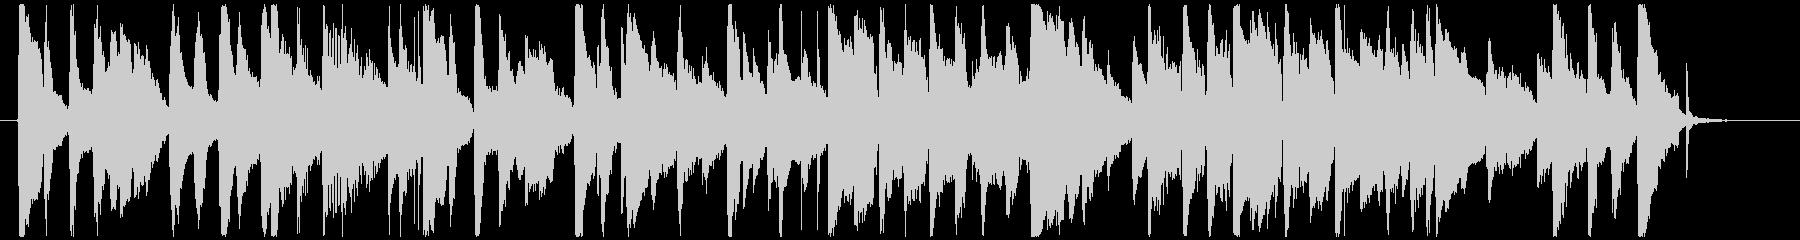 レトロなブルースBGMの未再生の波形